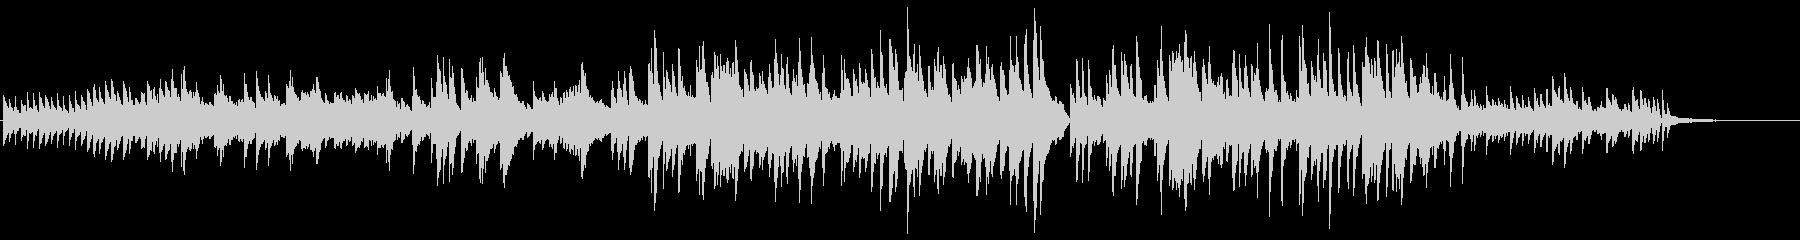 壮大で感動的な心にグッとくるピアノソロ2の未再生の波形